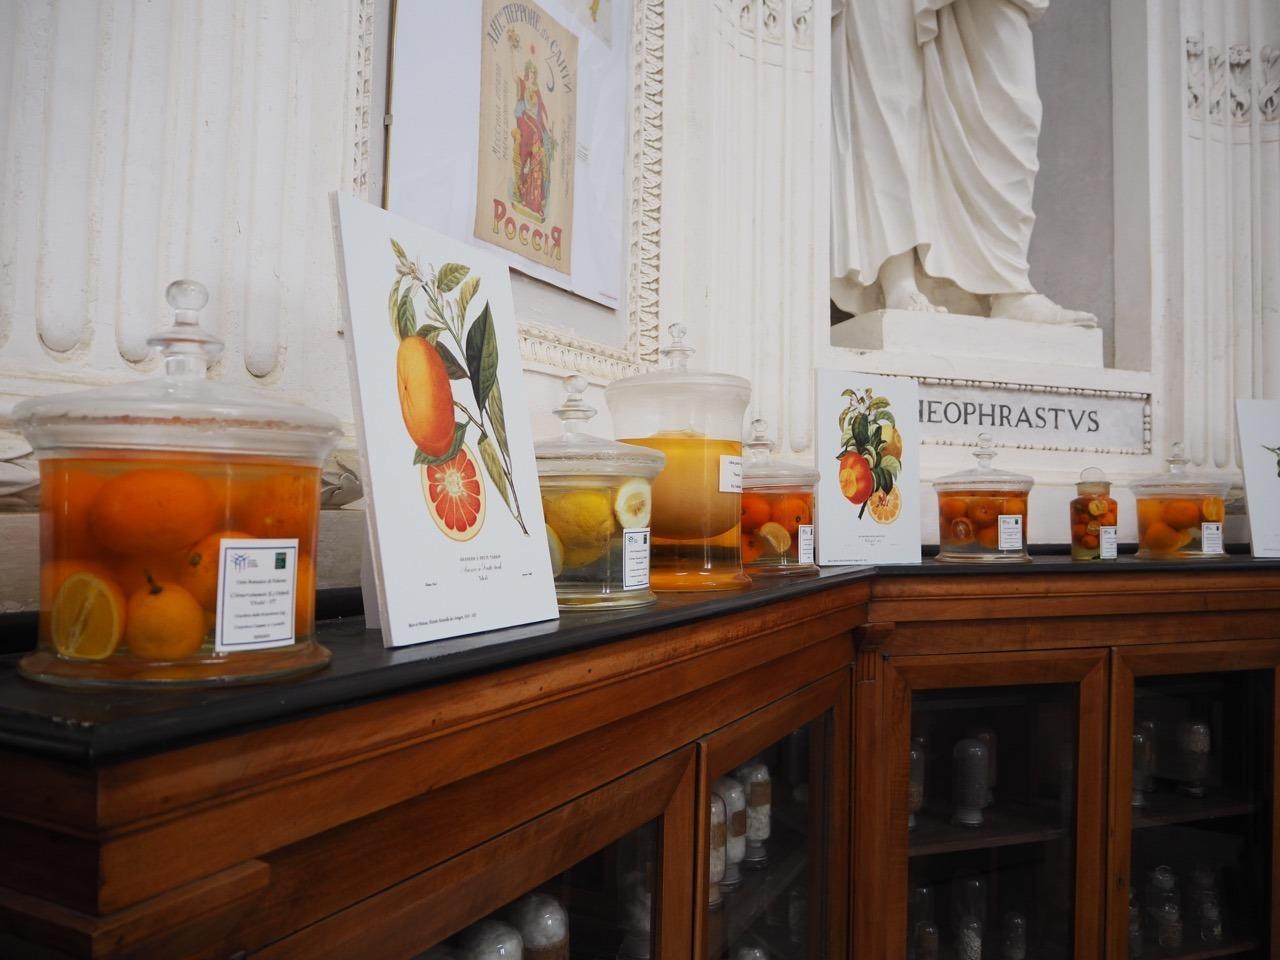 La Sicilia racconta la sua storia attraverso gli agrumi